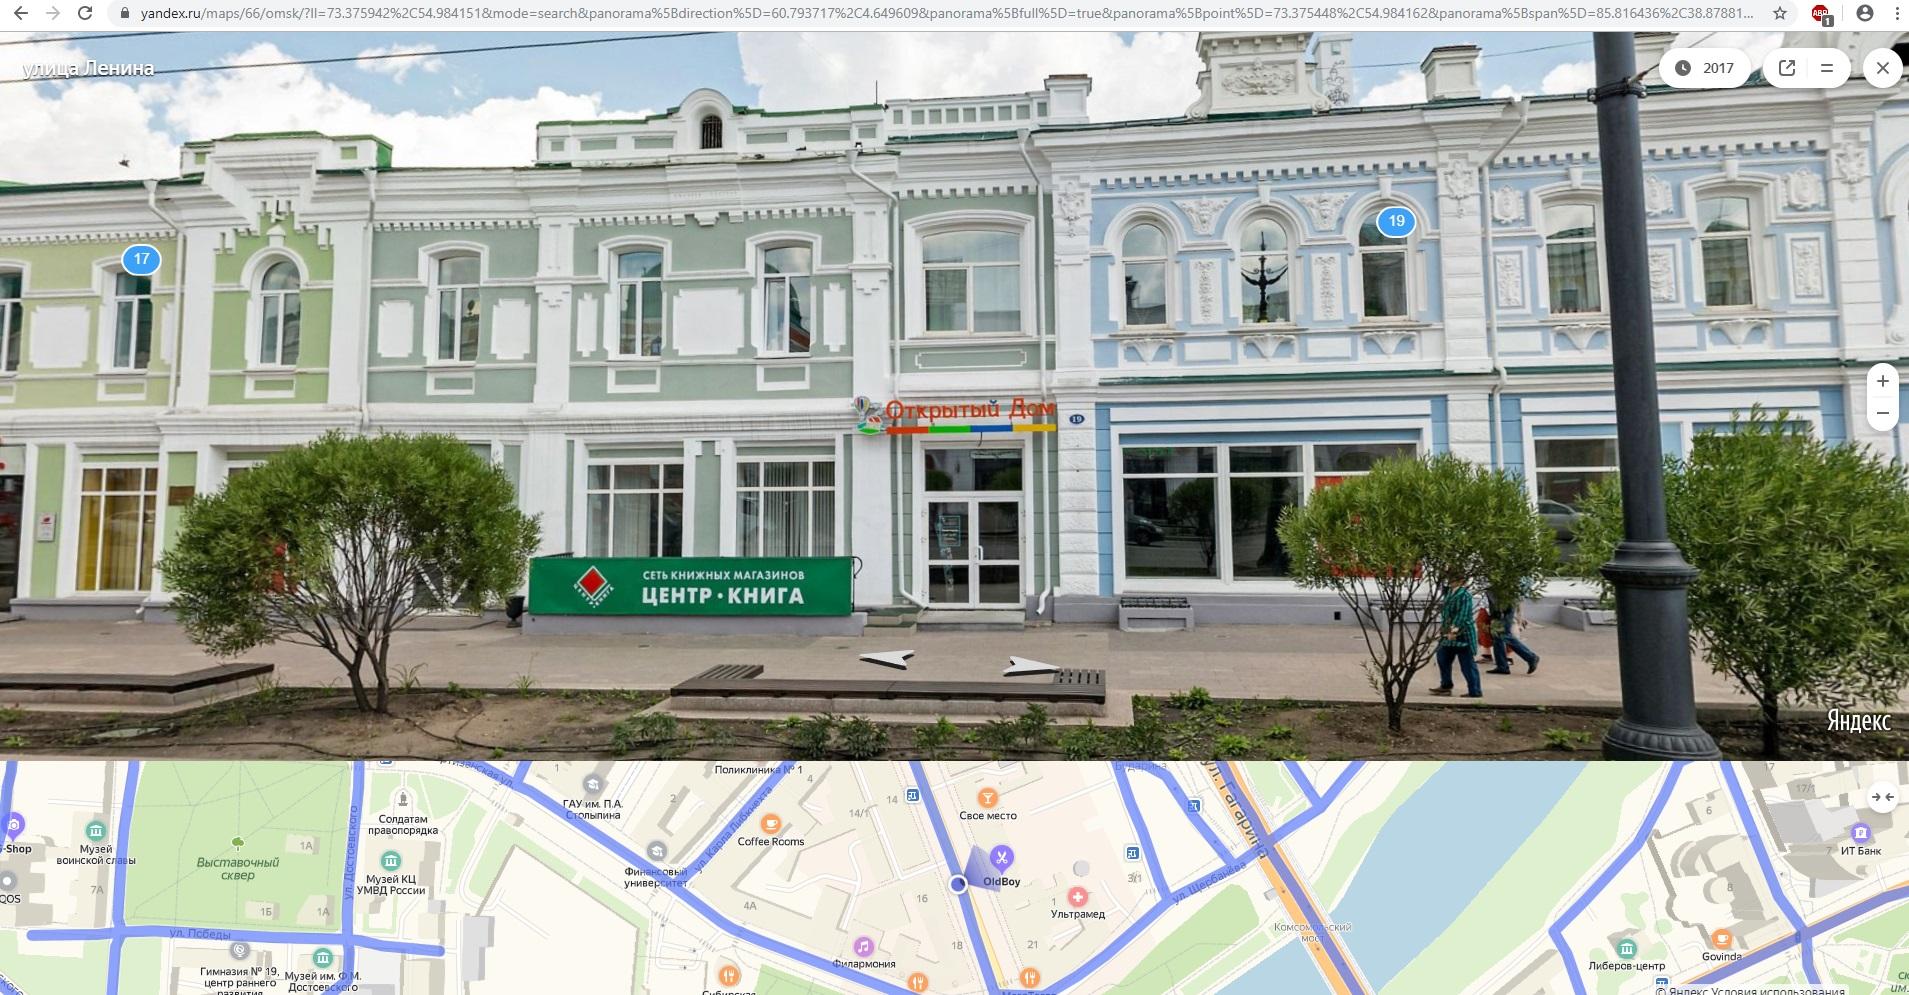 Офис компании в Омске